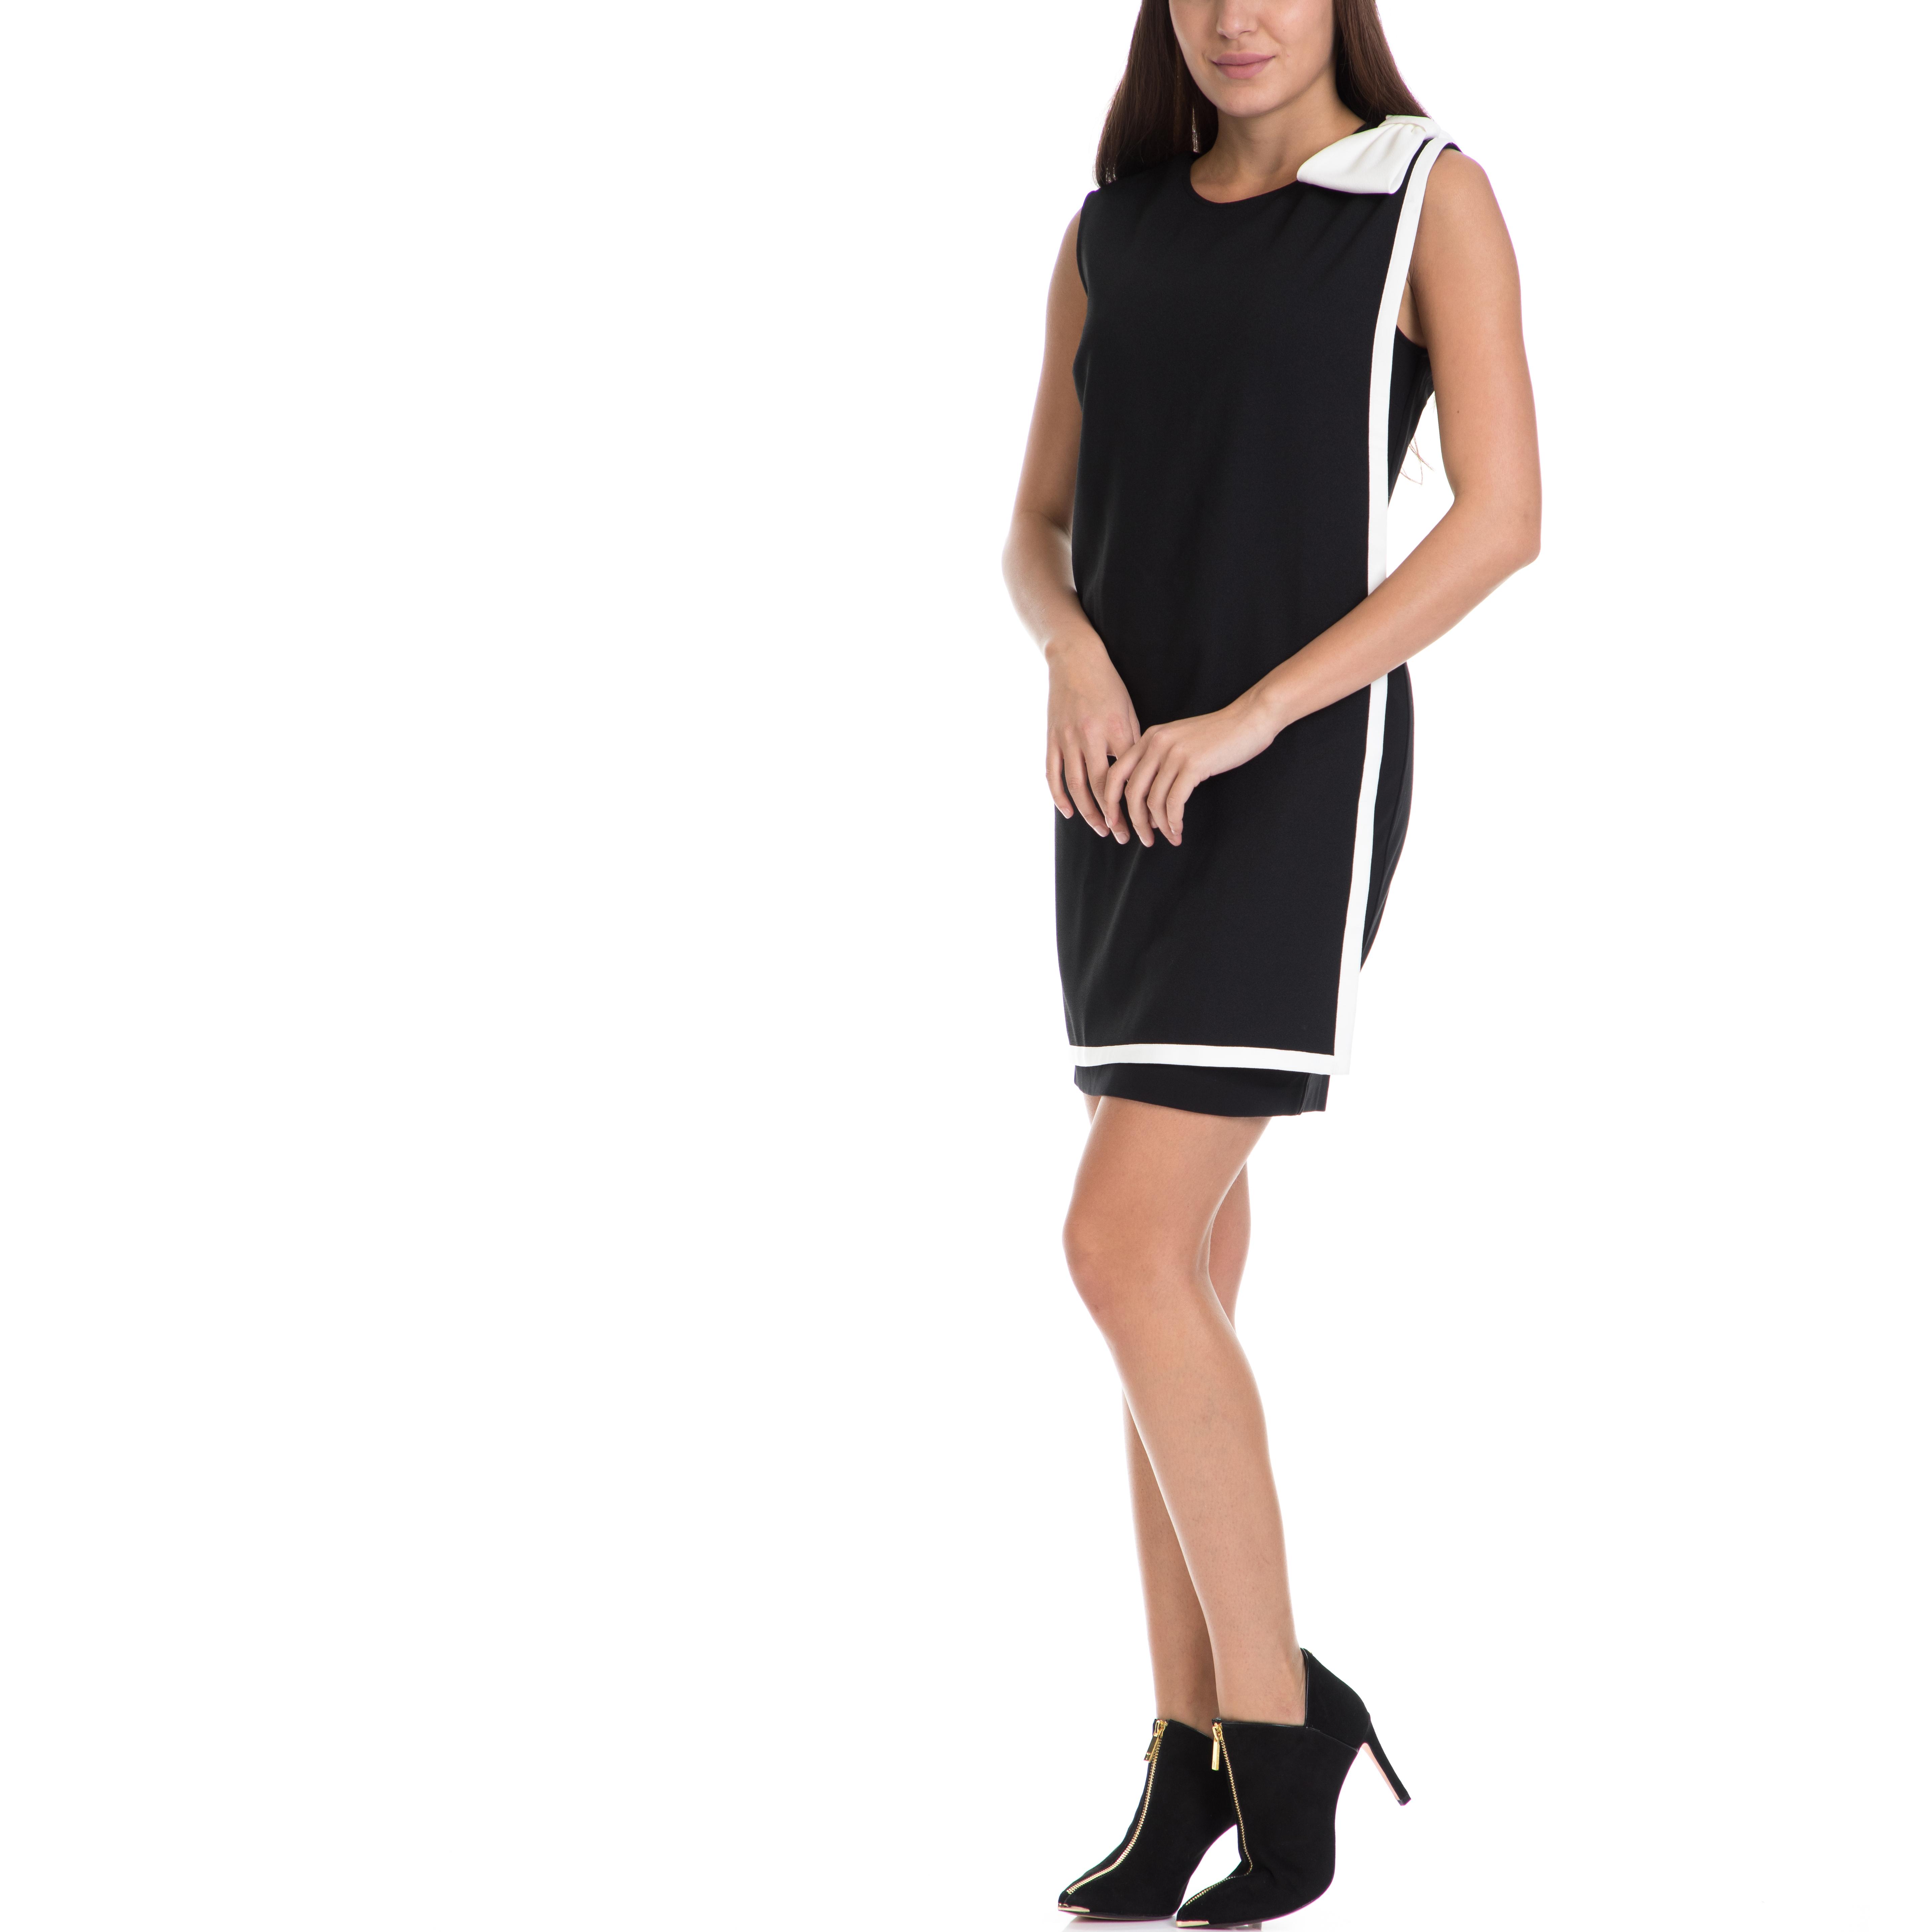 TED BAKER - Γυναικείο μίνι φόρεμα ELIJA TED BAKER μαύρο-λευκό γυναικεία ρούχα φορέματα μίνι